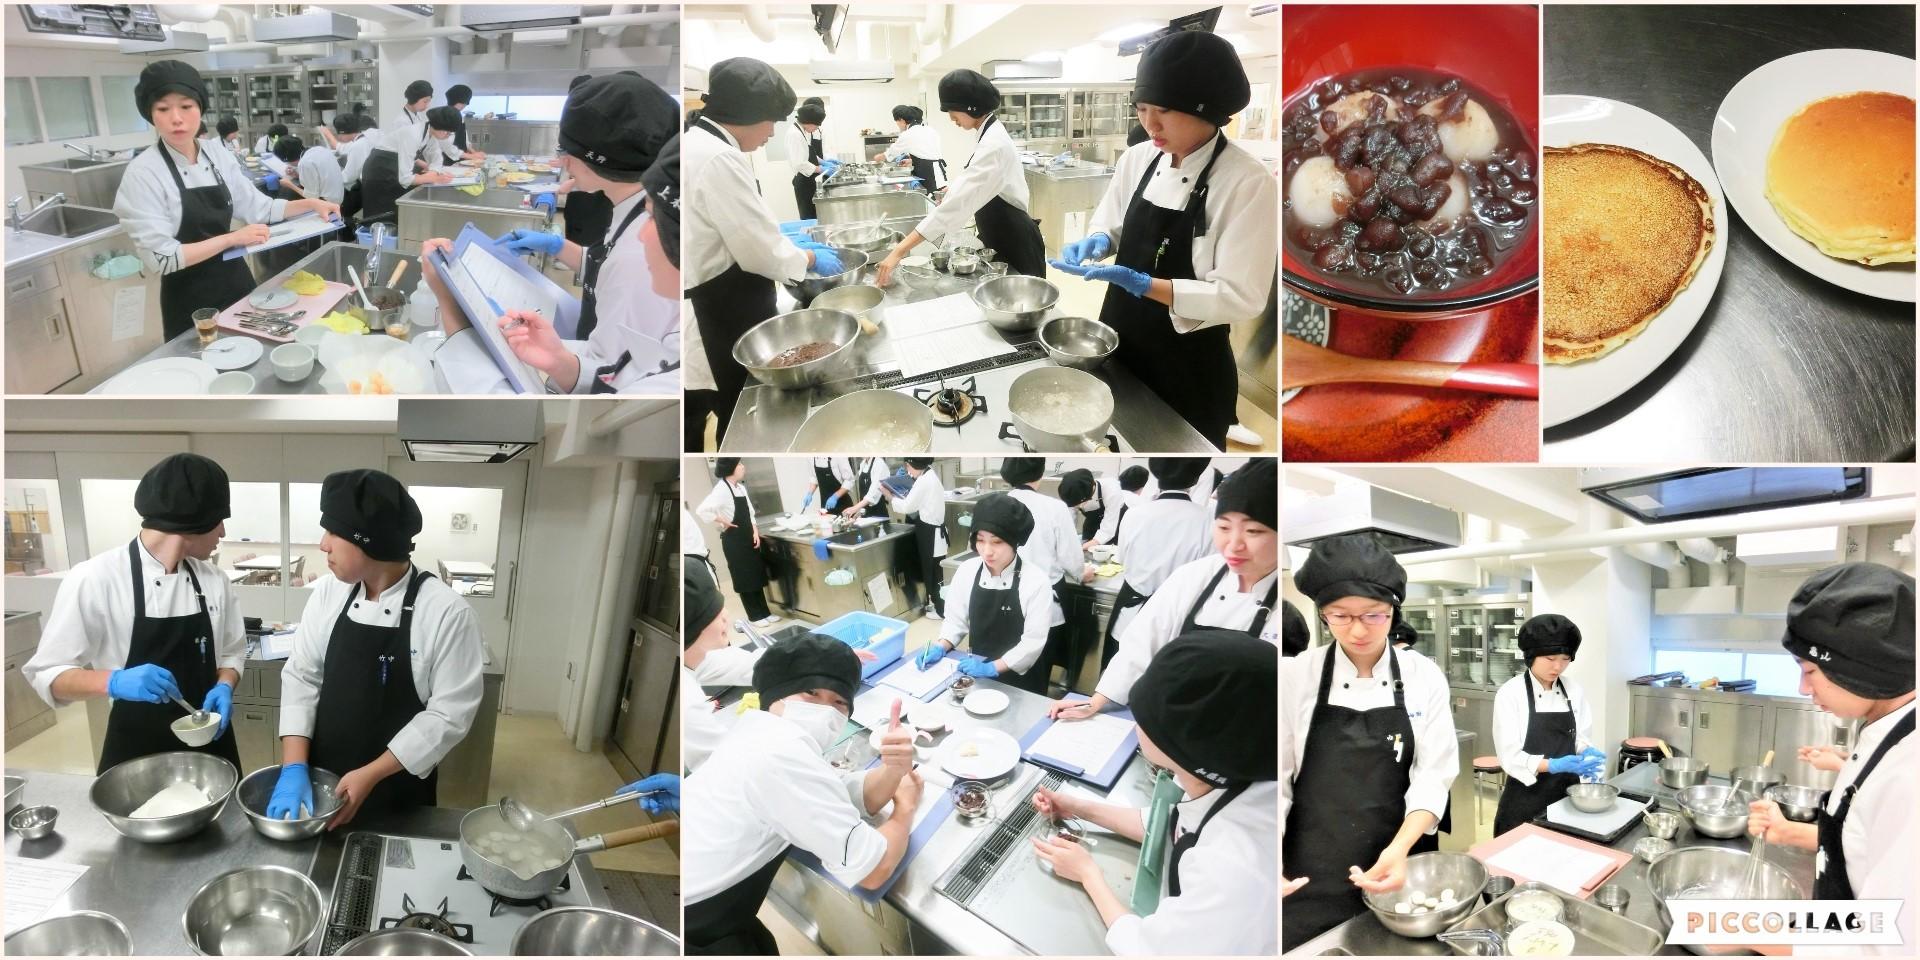 食品学実習 授業報告です_d0073476_09245915.jpg